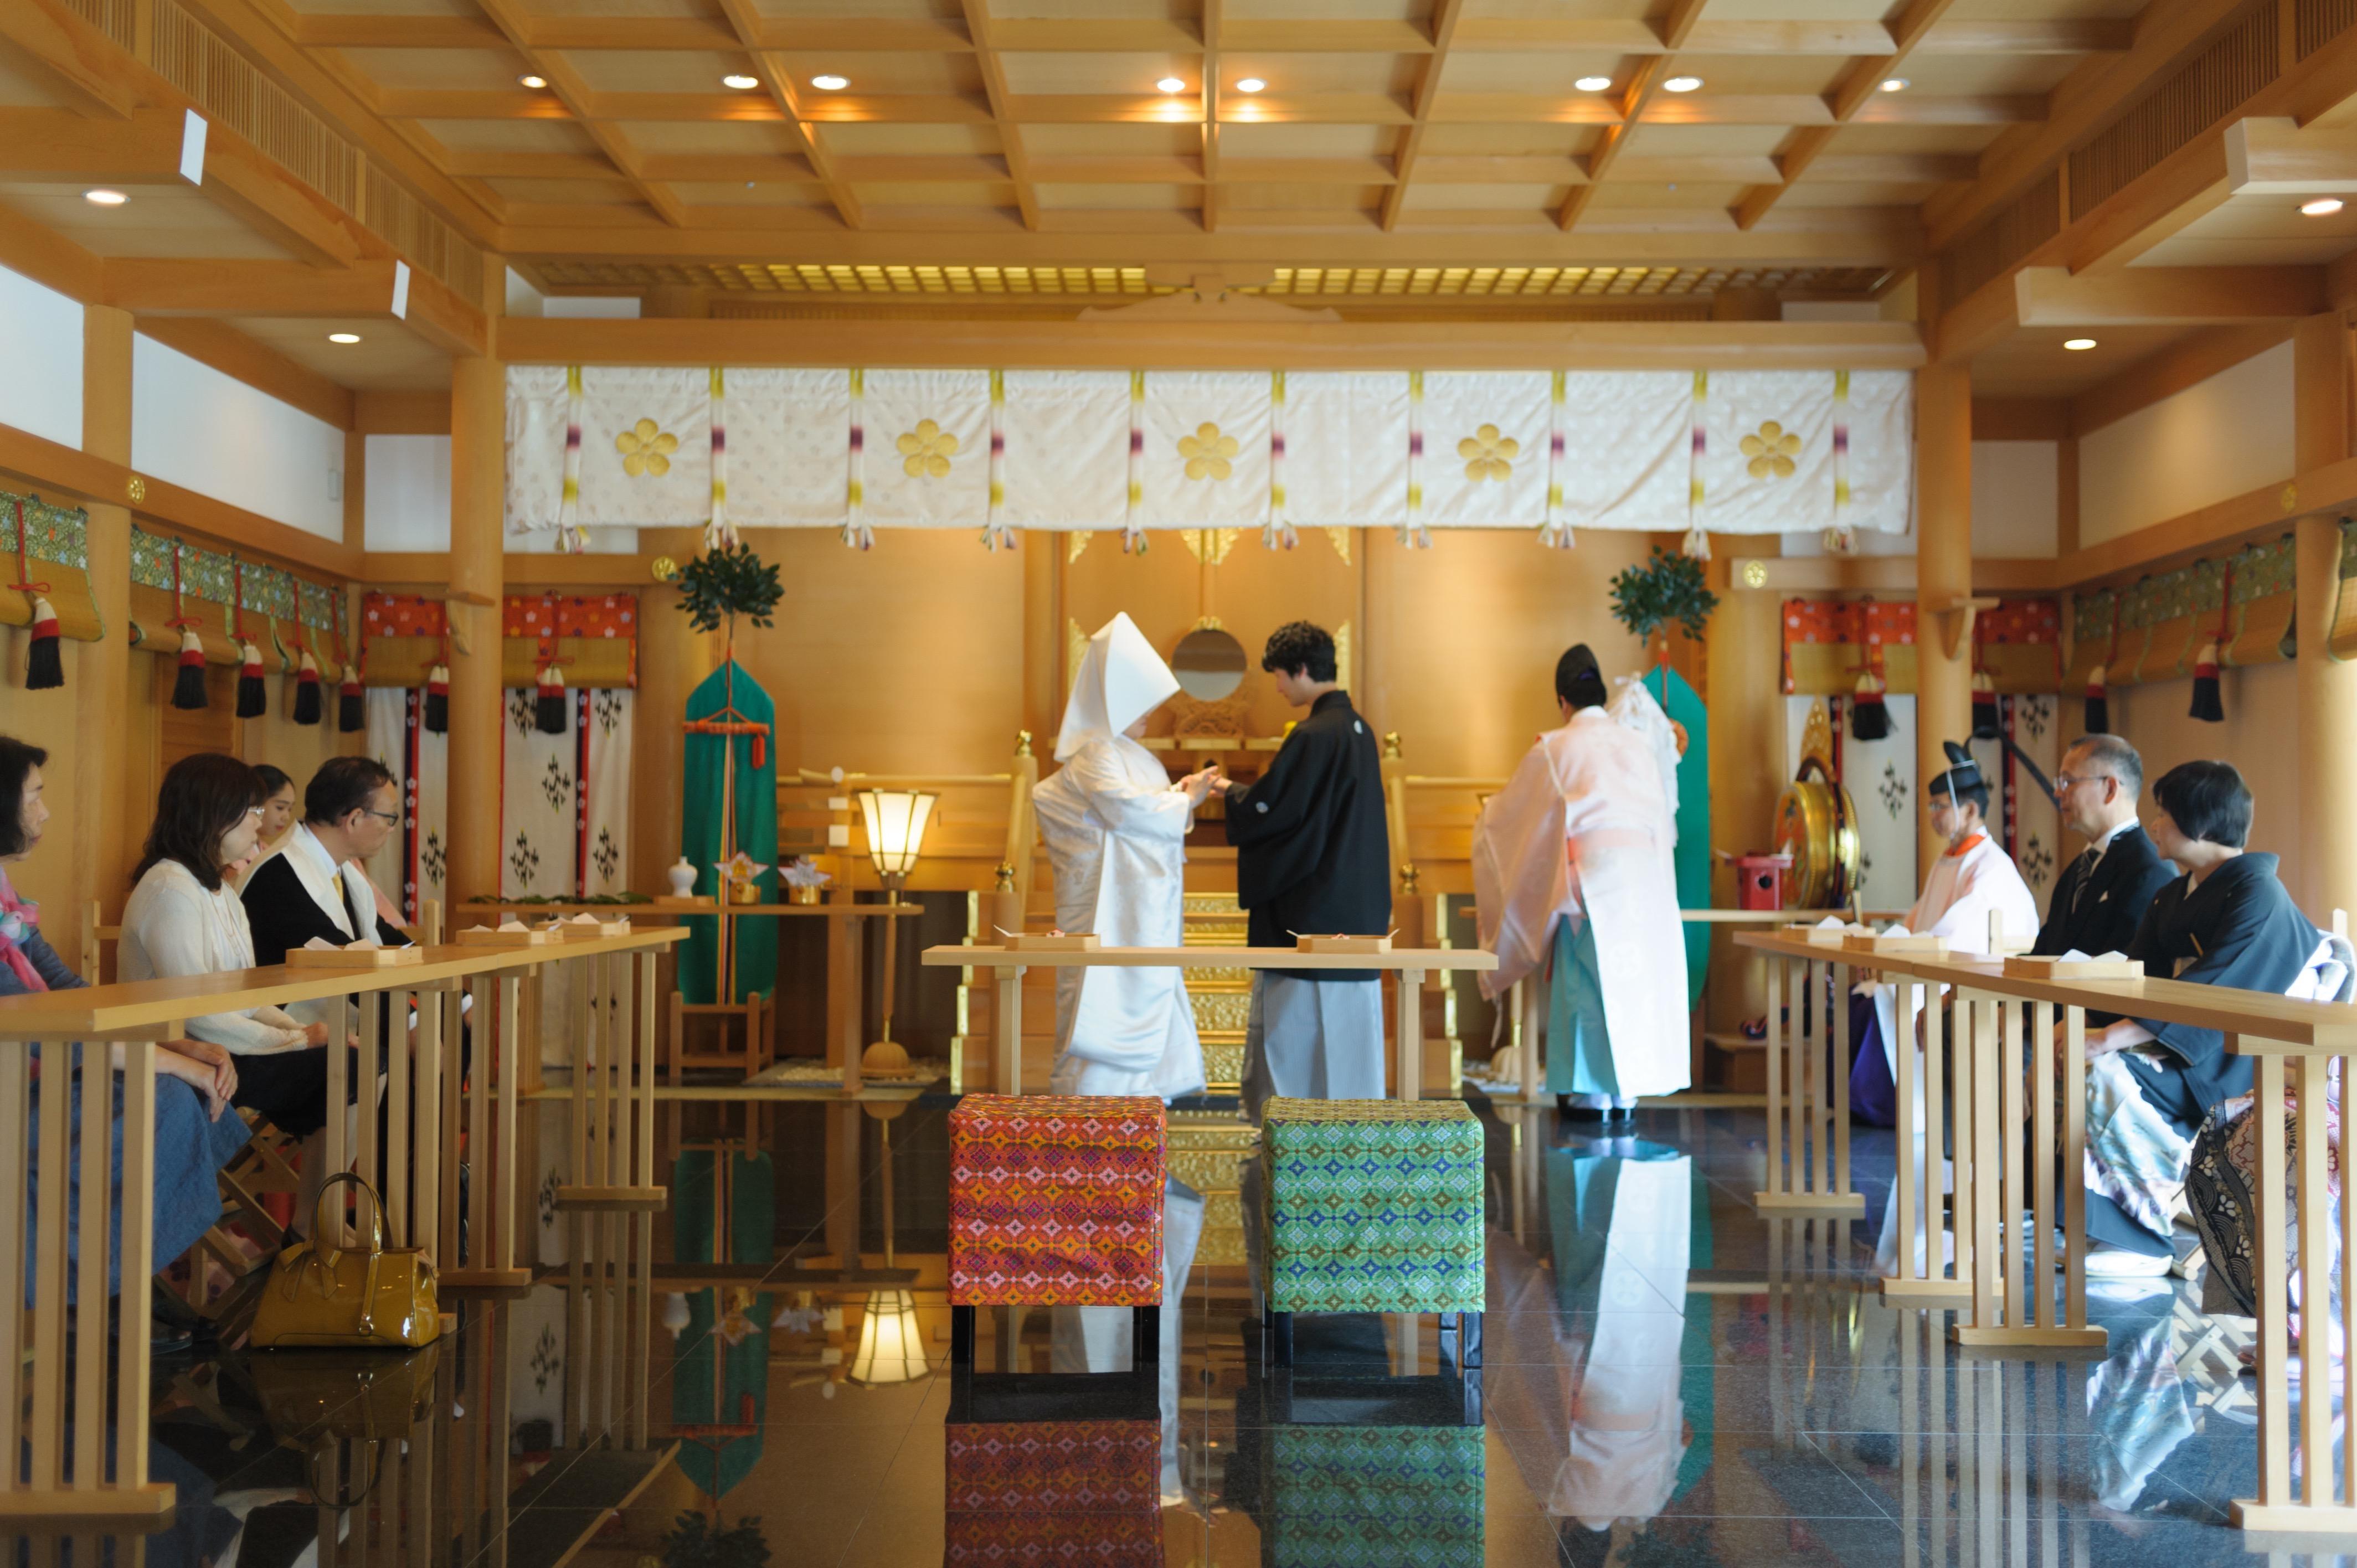 〜太宰府天満宮〜神前結婚式|お客様レポート|福岡・九州でフォトウェディング・前撮りならウェディングセレクト!フォトウェディング